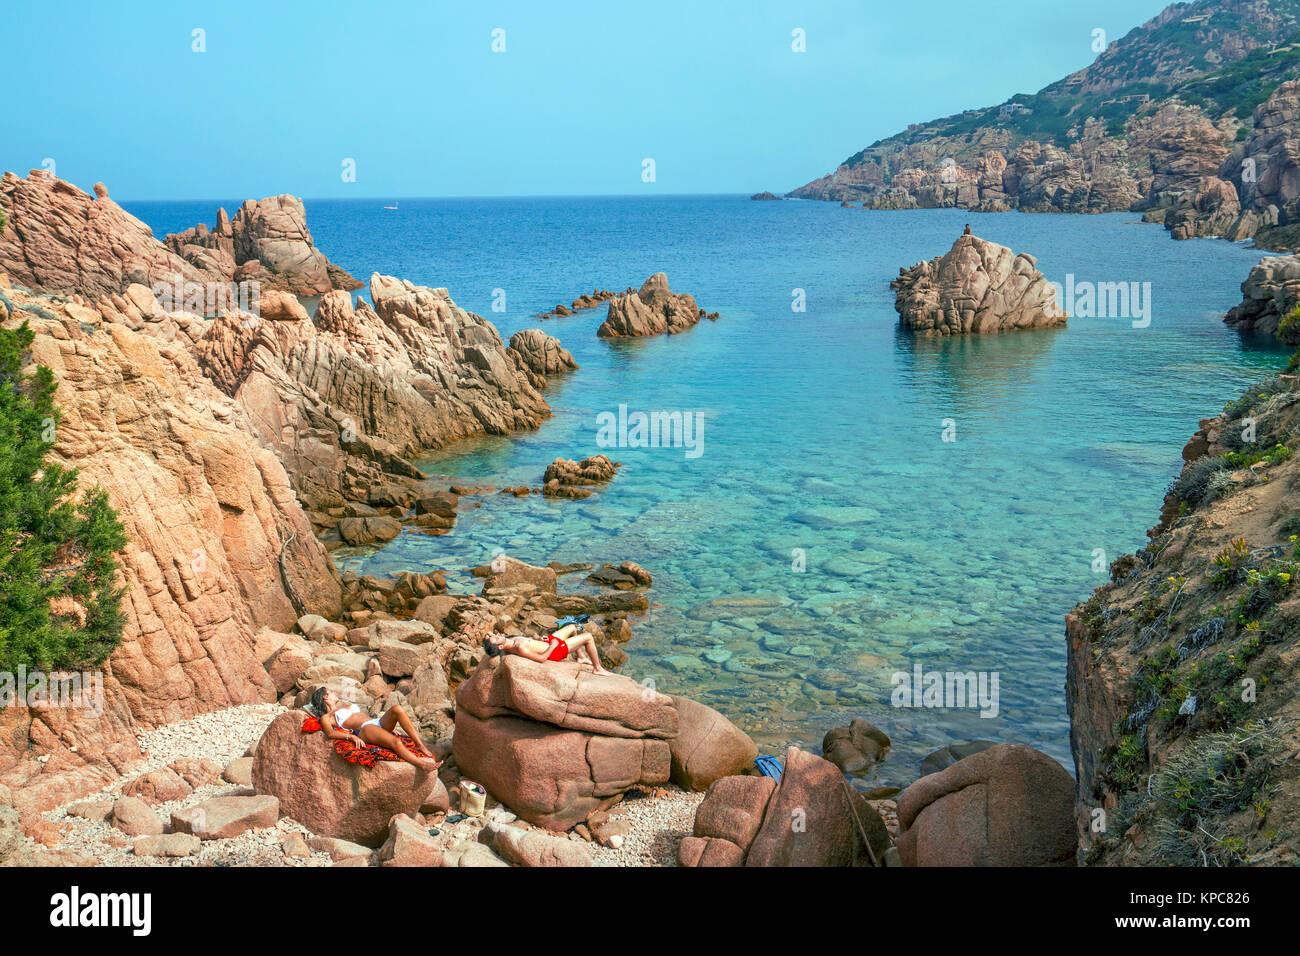 Sonnenbad auf Porphyr Felsen, Küste Landschaft an der Costa Paradiso, Sardinien, Italien, Mittelmeer, Europa Stockbild